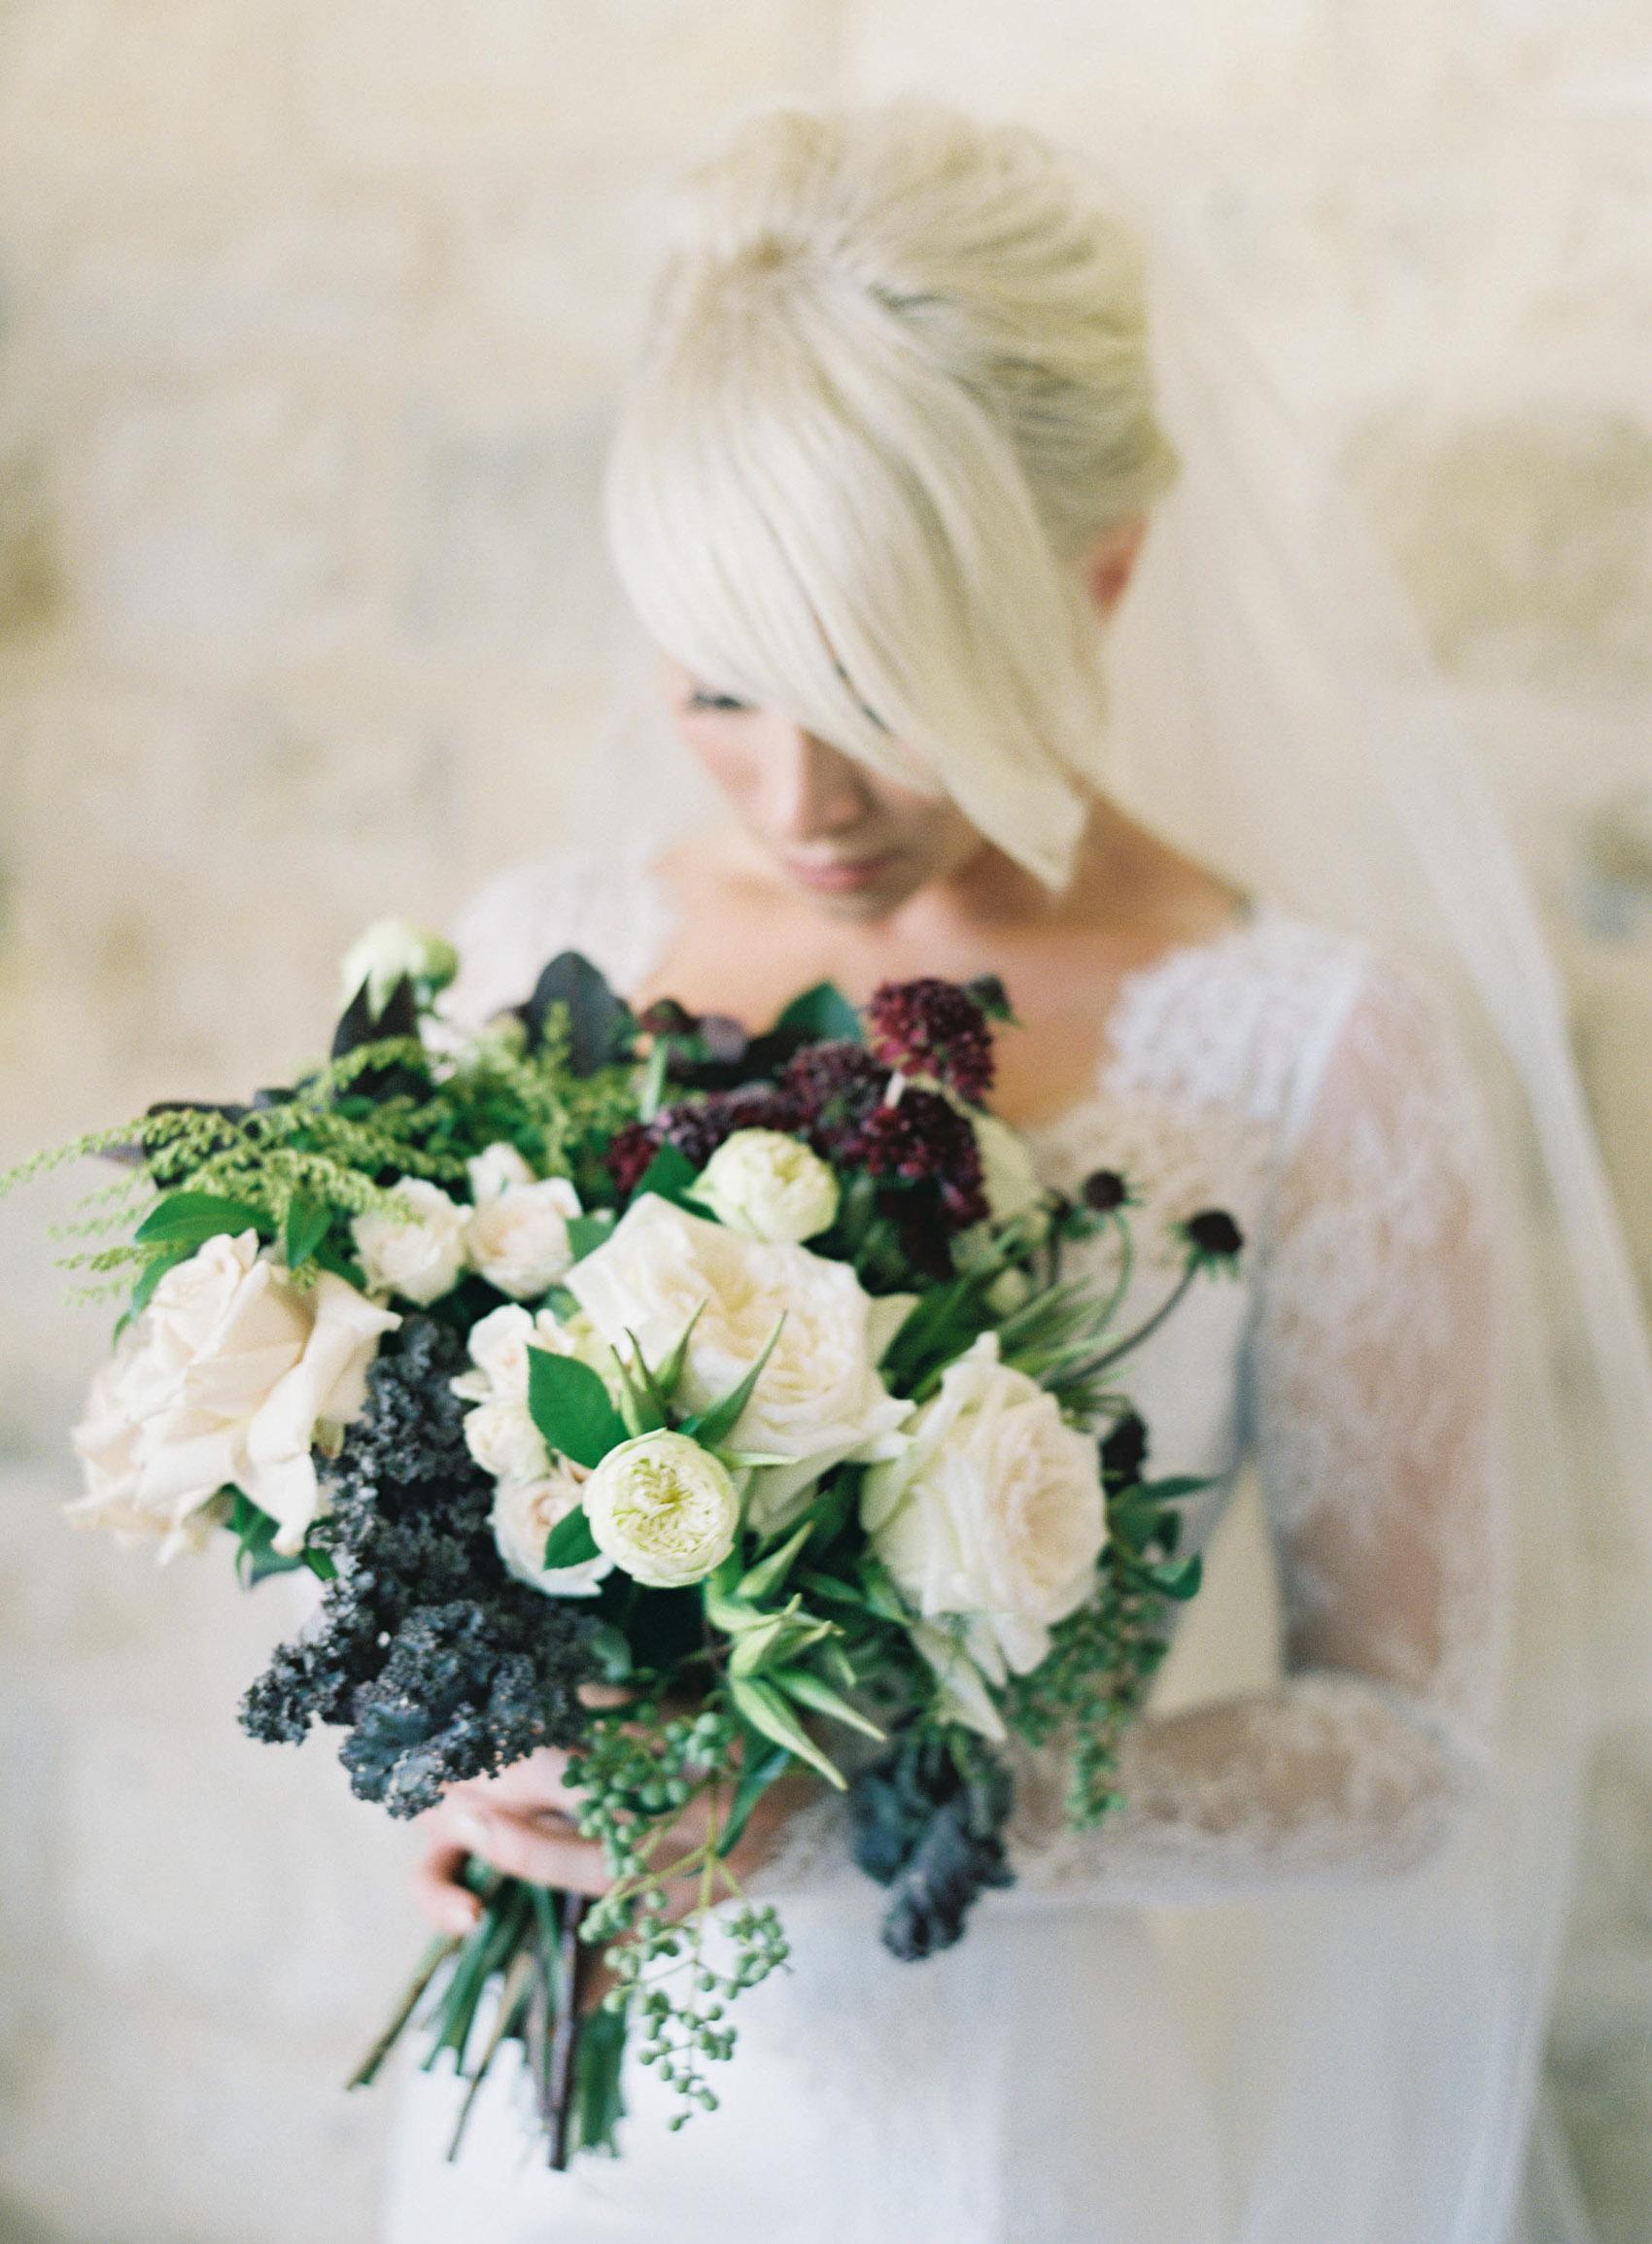 Sunstone_Villa_Wedding-21-Jen-Huang-JTEd-45-Jen_Huang-002824-R1-010.jpg